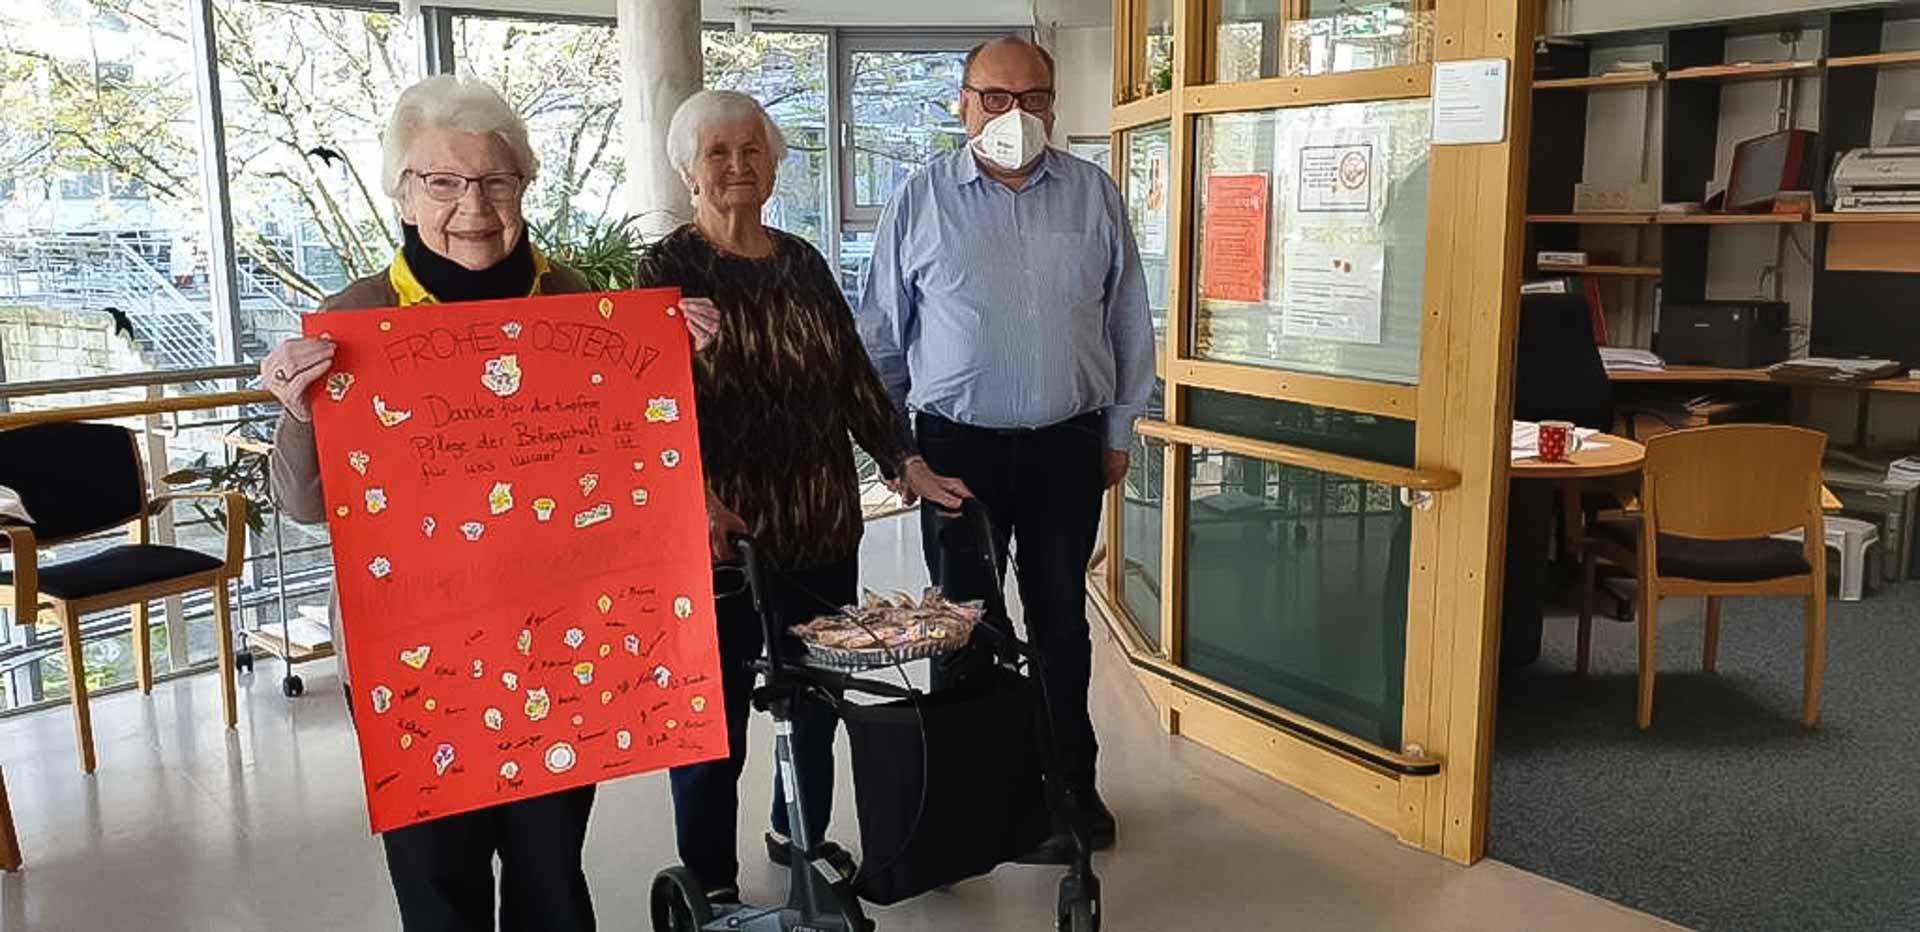 Grüße von den Bewohnerinnen und Bewohnern und Heimleiter Thomas Schellinger-Pusler aus dem Seniorenzentrum Gundelfingen